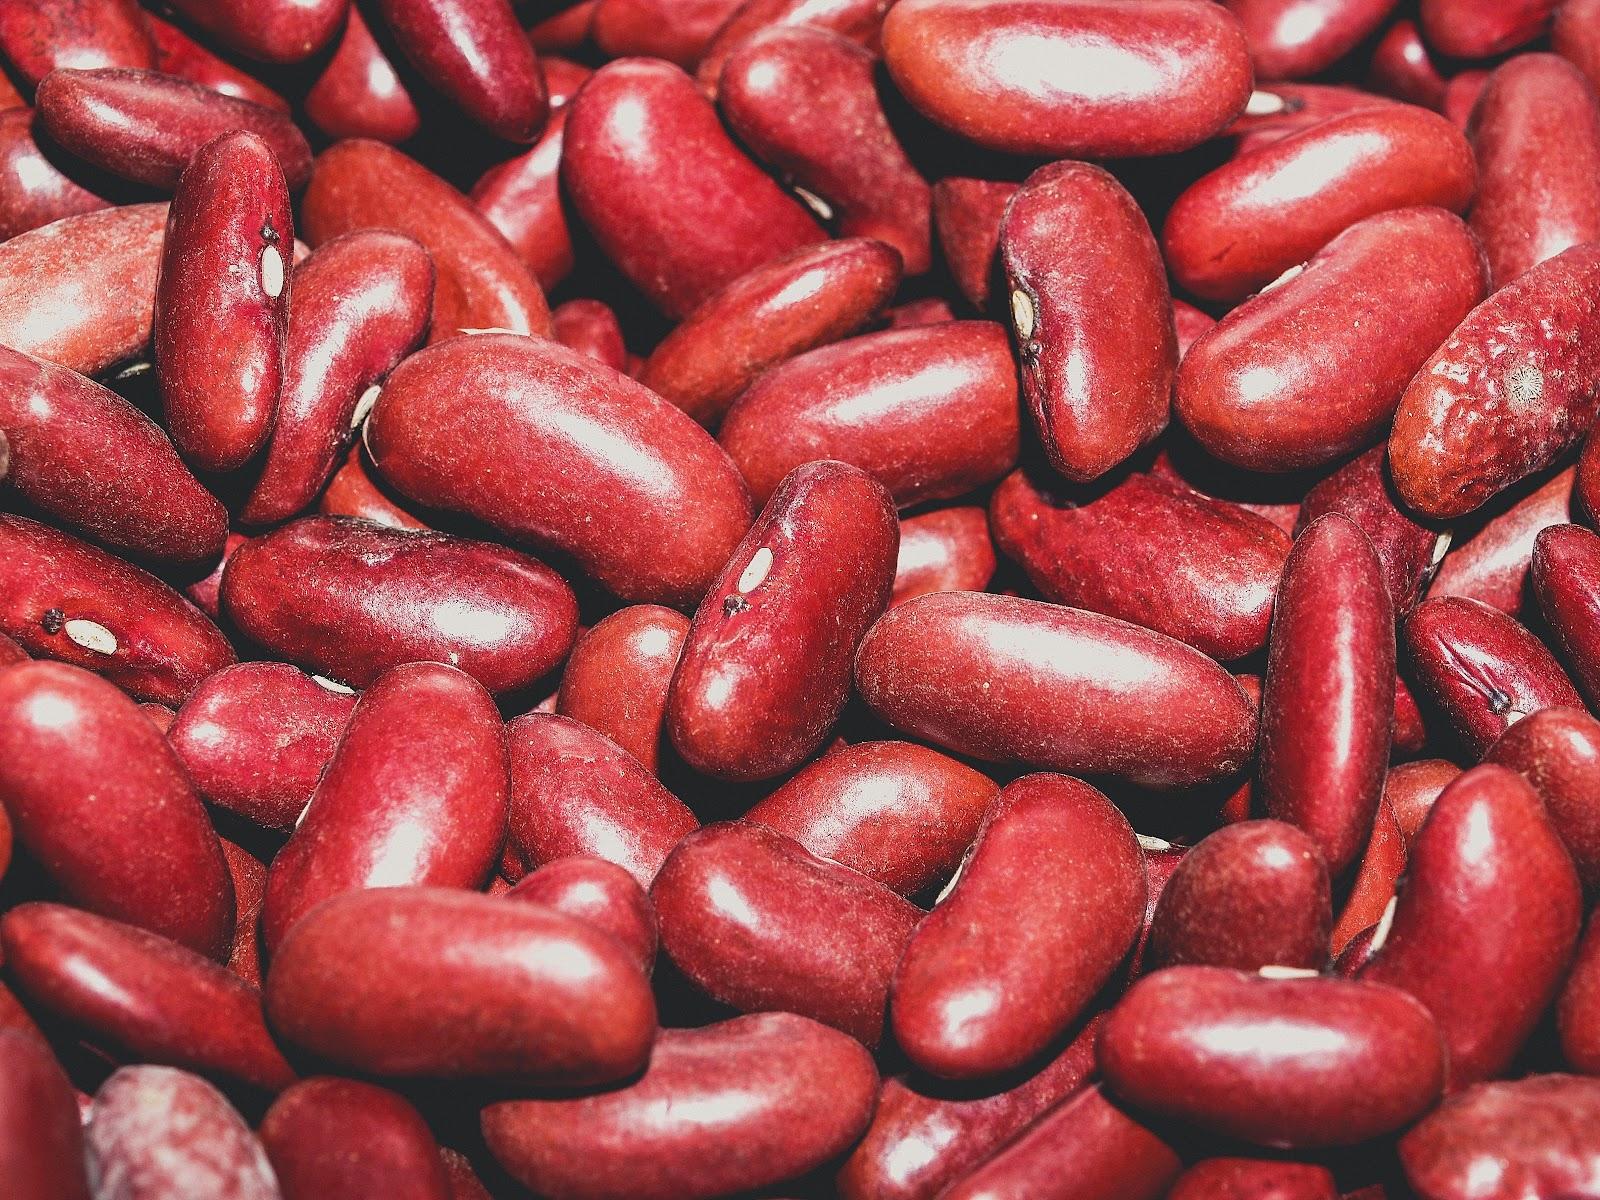 Beans are good for eyesight